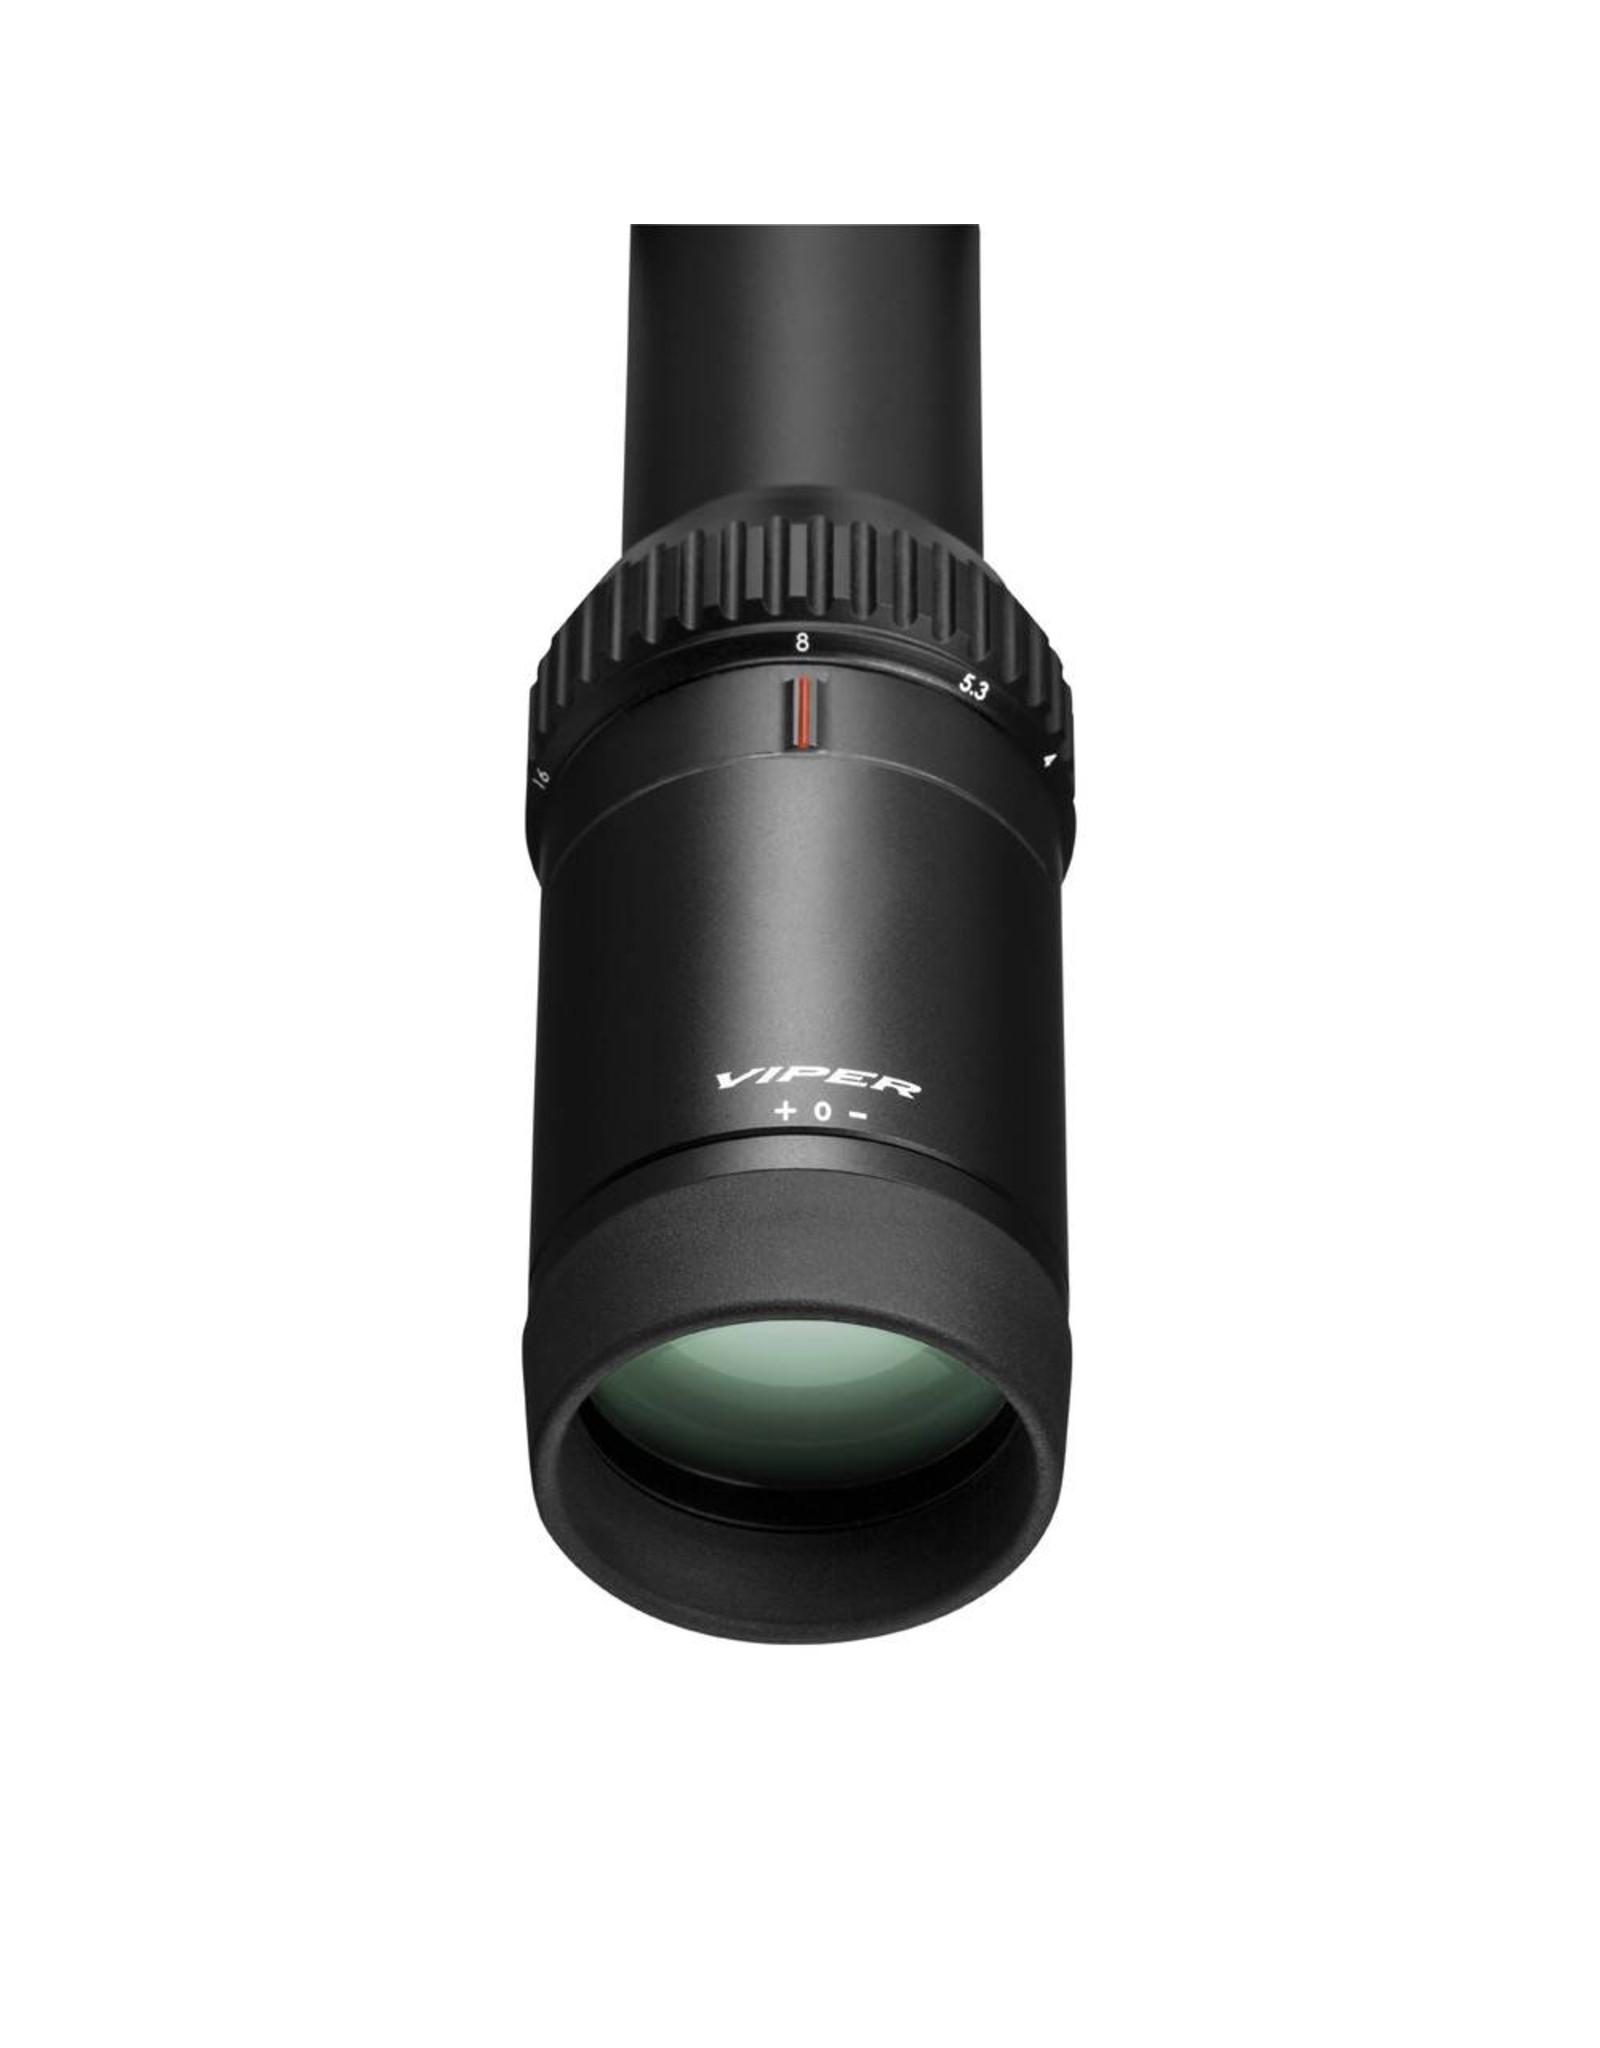 Vortex Vortex Viper HS 4-16x50 SFP Riflescope BDC